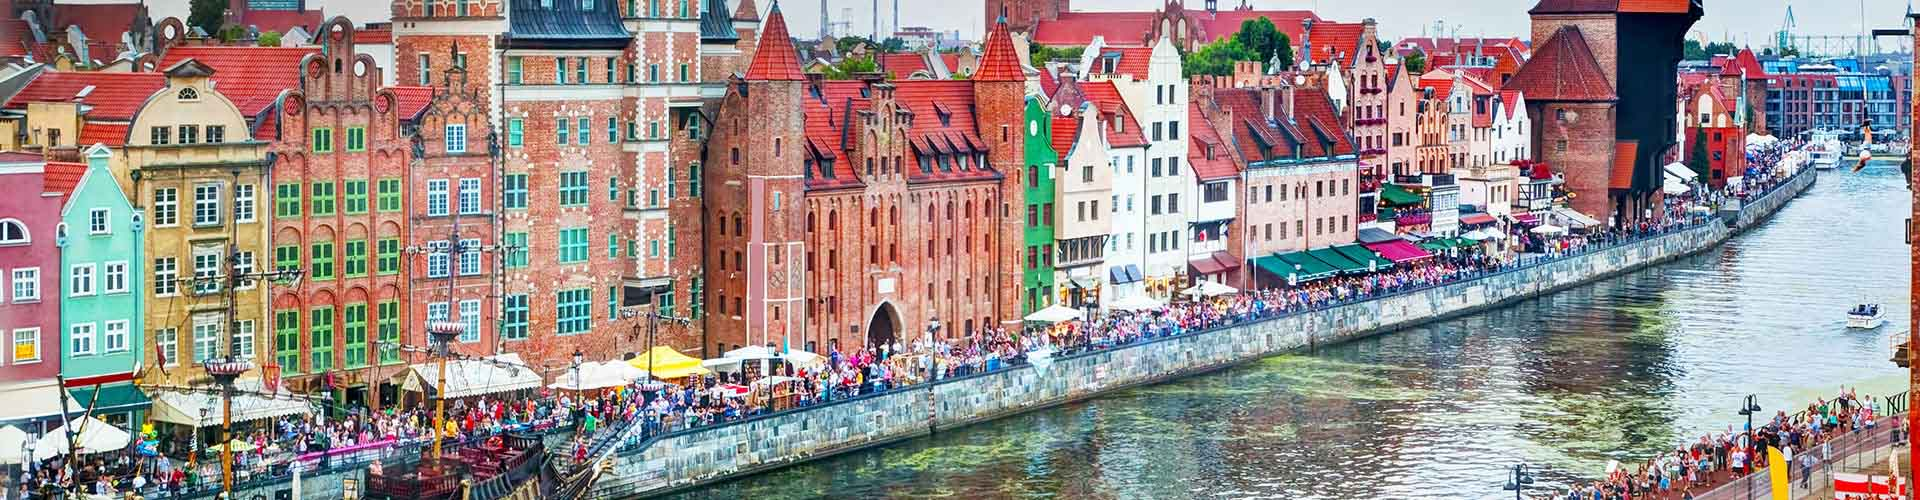 Gdansk - Apartamentos en Gdansk. Mapas de Gdansk, Fotos y comentarios de cada Apartamento en Gdansk.